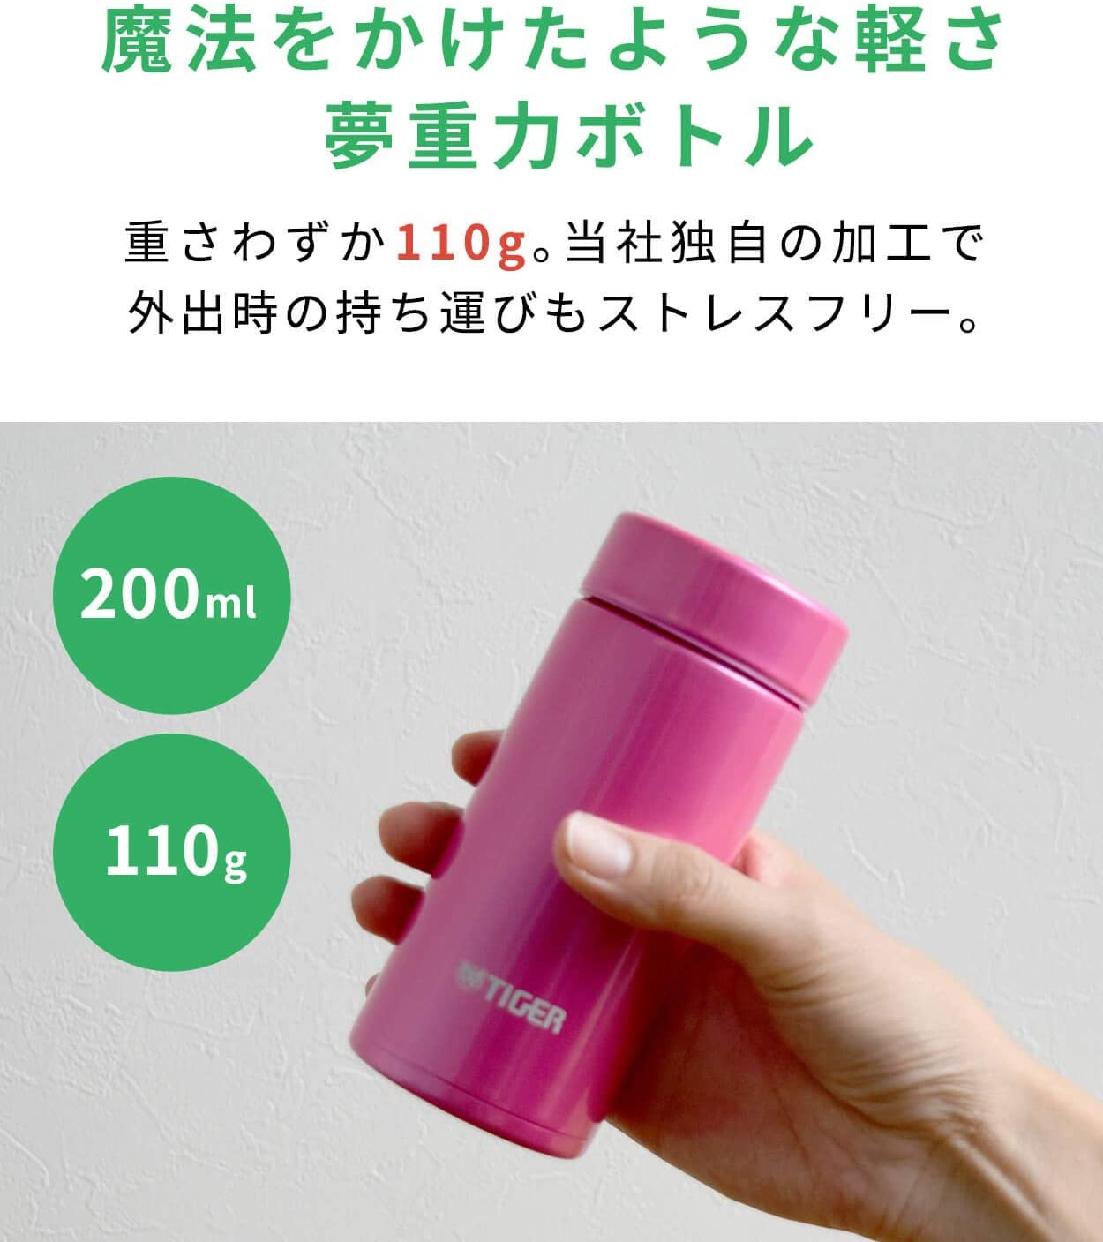 タイガー魔法瓶(たいがーまほうびん)ステンレスミニボトル MMP-J020の商品画像3